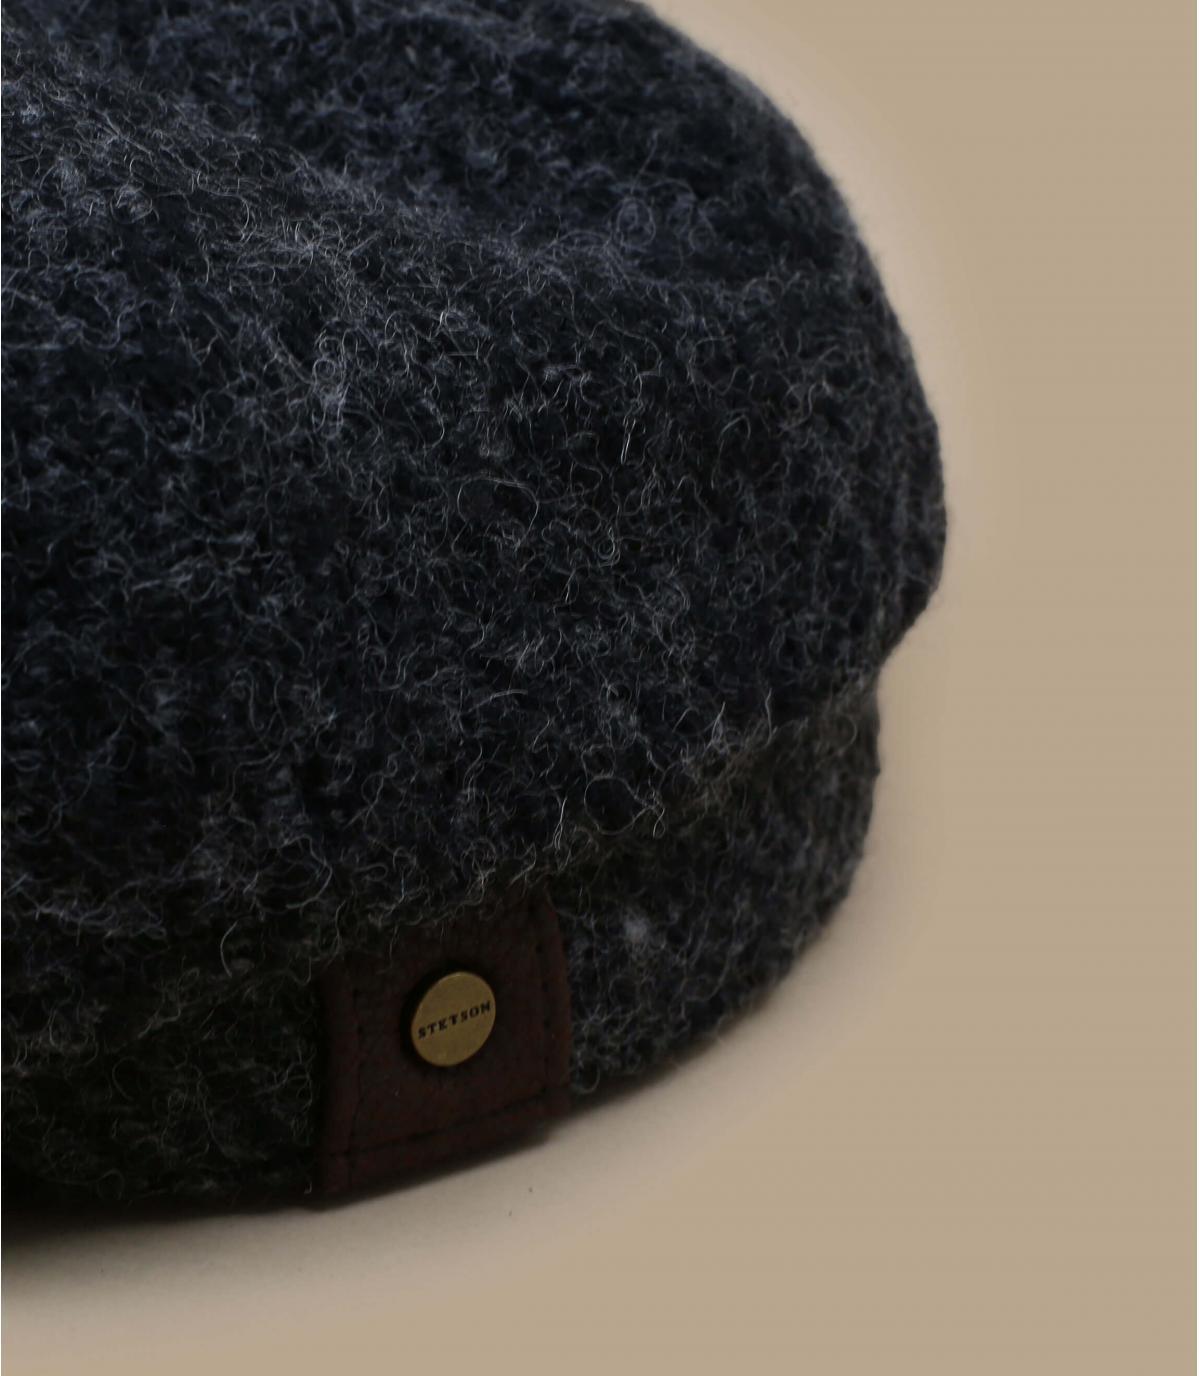 béret noir hiver stetson